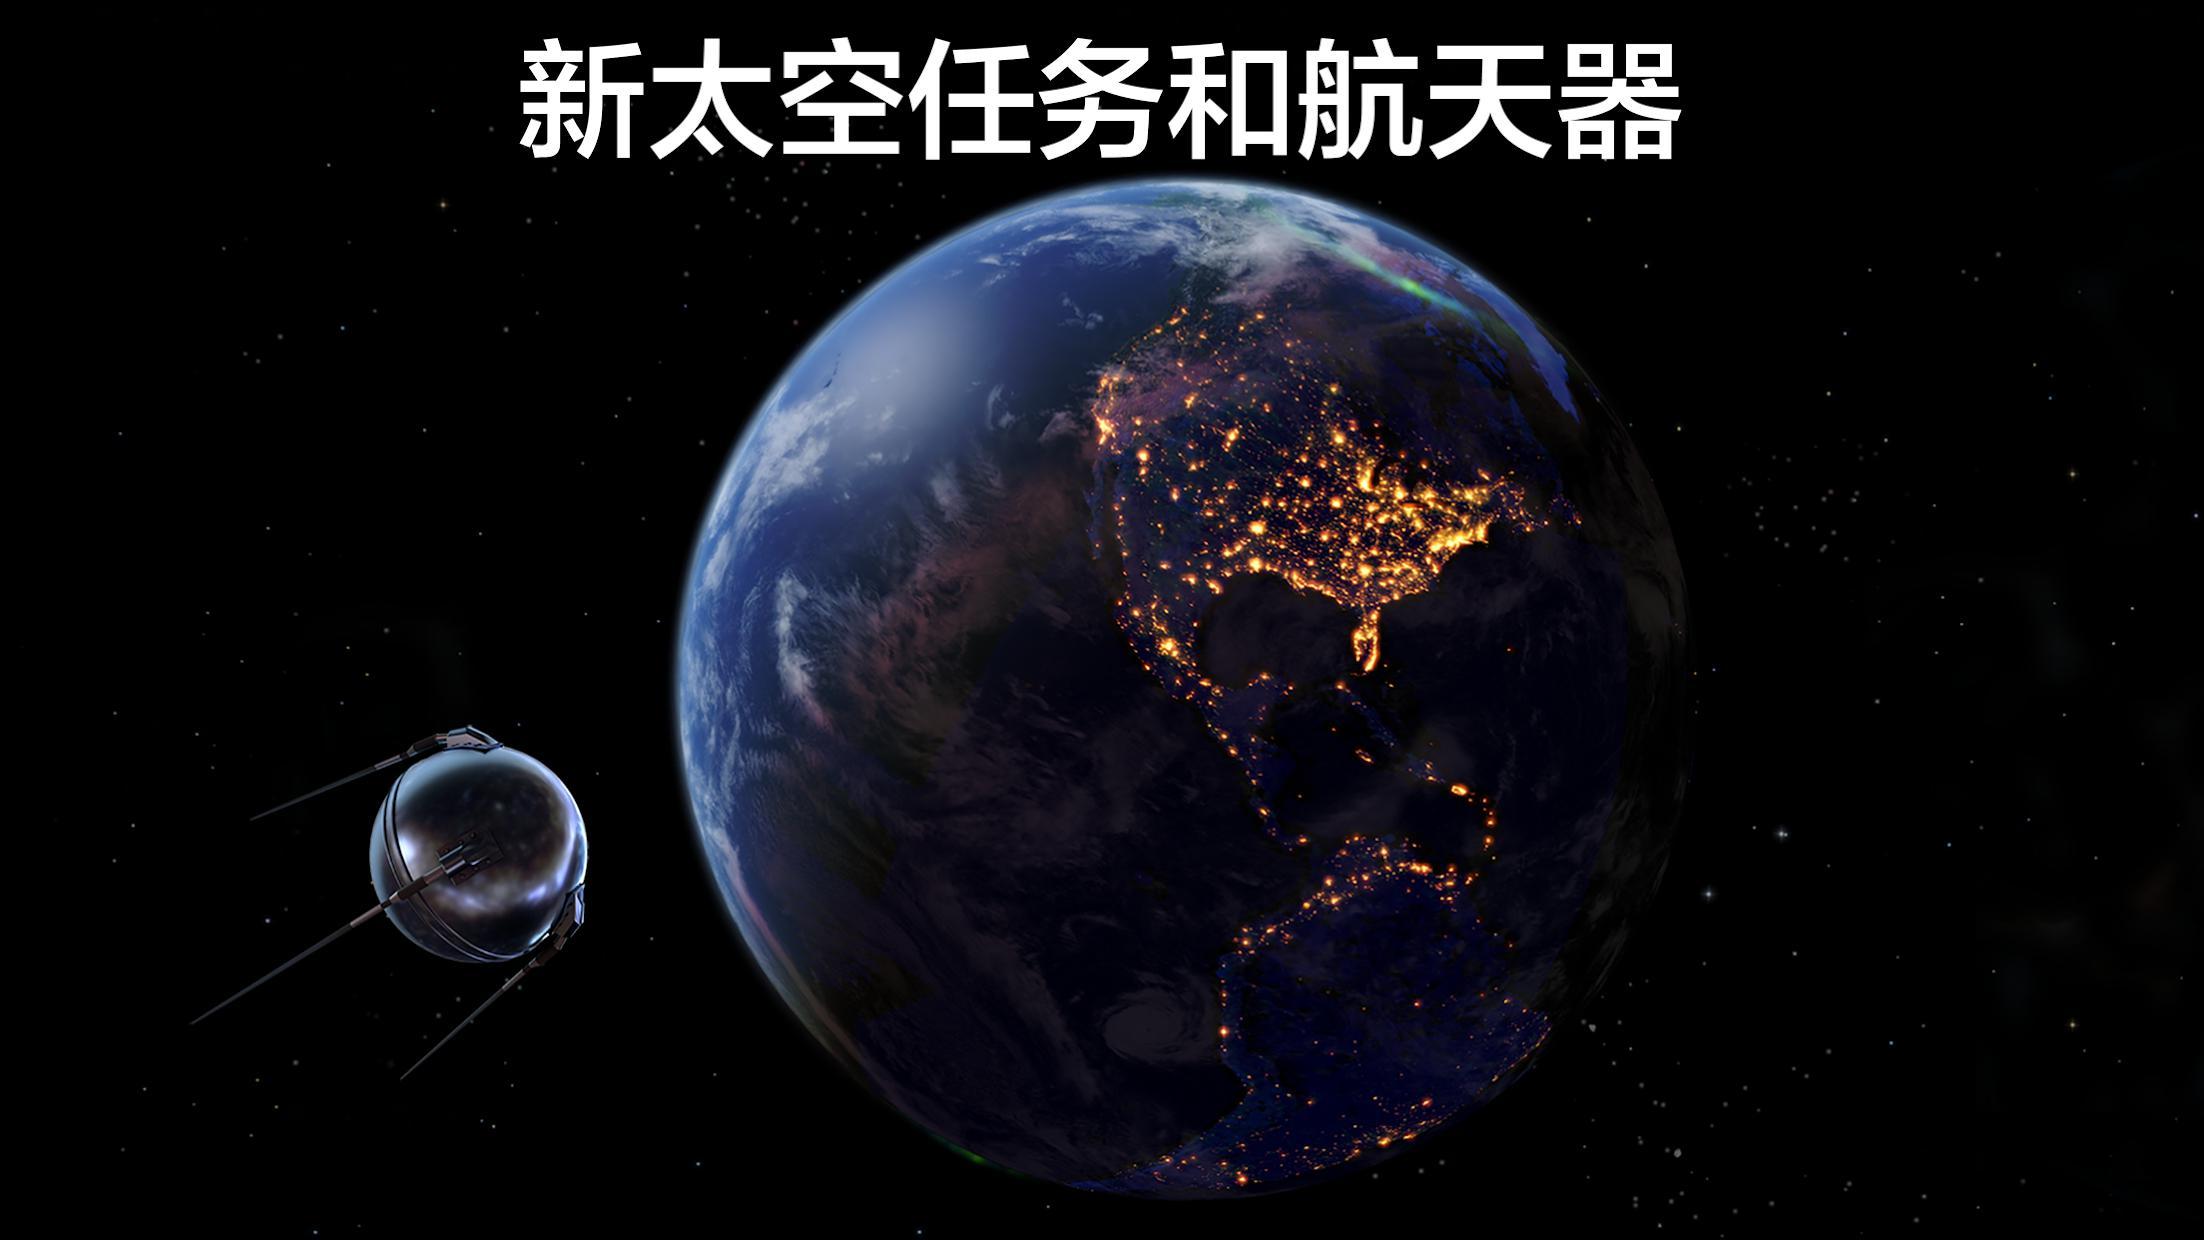 Solar Walk 2 Free - 宇宙模拟,空间探索,太空任务和航天器3D 游戏截图3